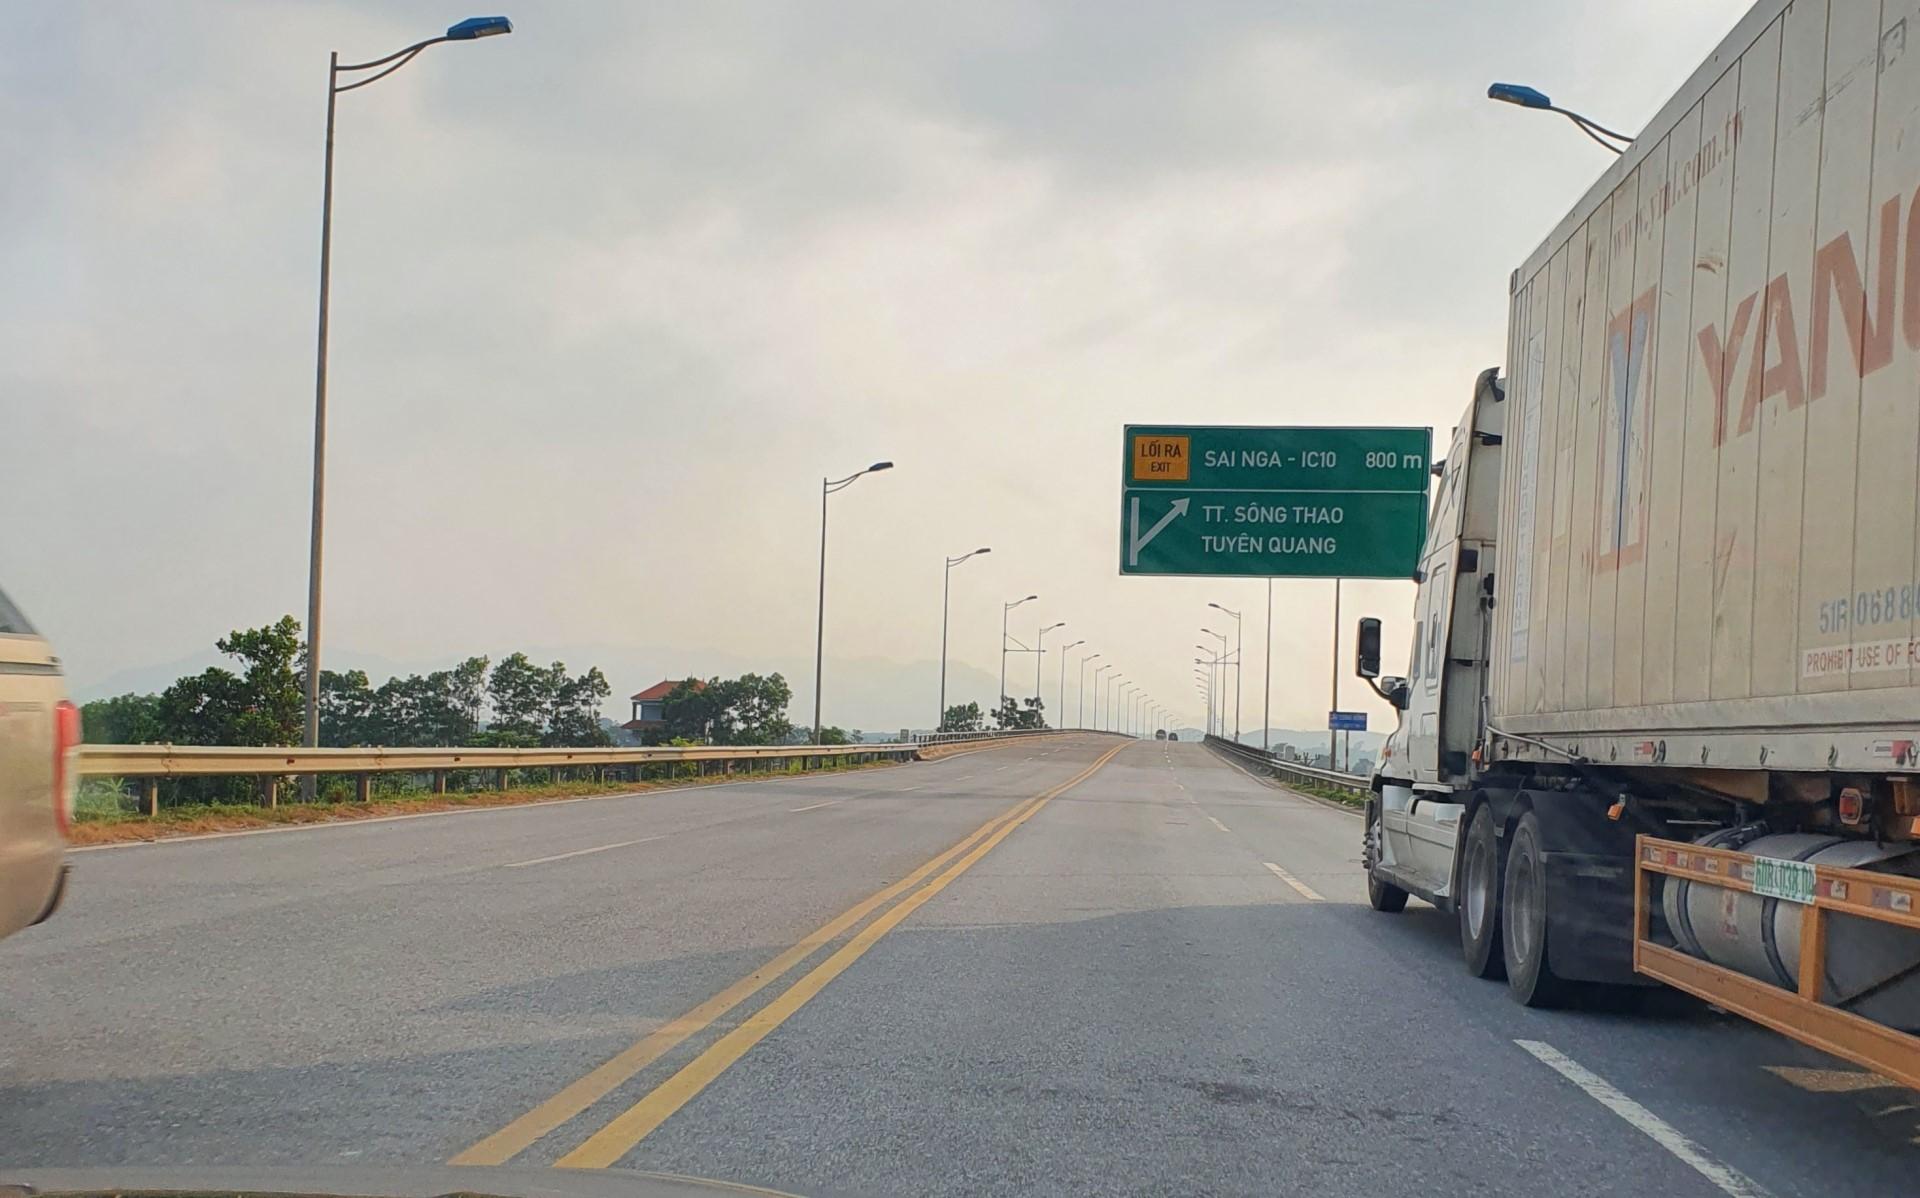 Đấu thầu cao tốc Bắc – Nam: Phải xem quản lý vận hành là một bộ phận không tách rời trong dự án giao thông